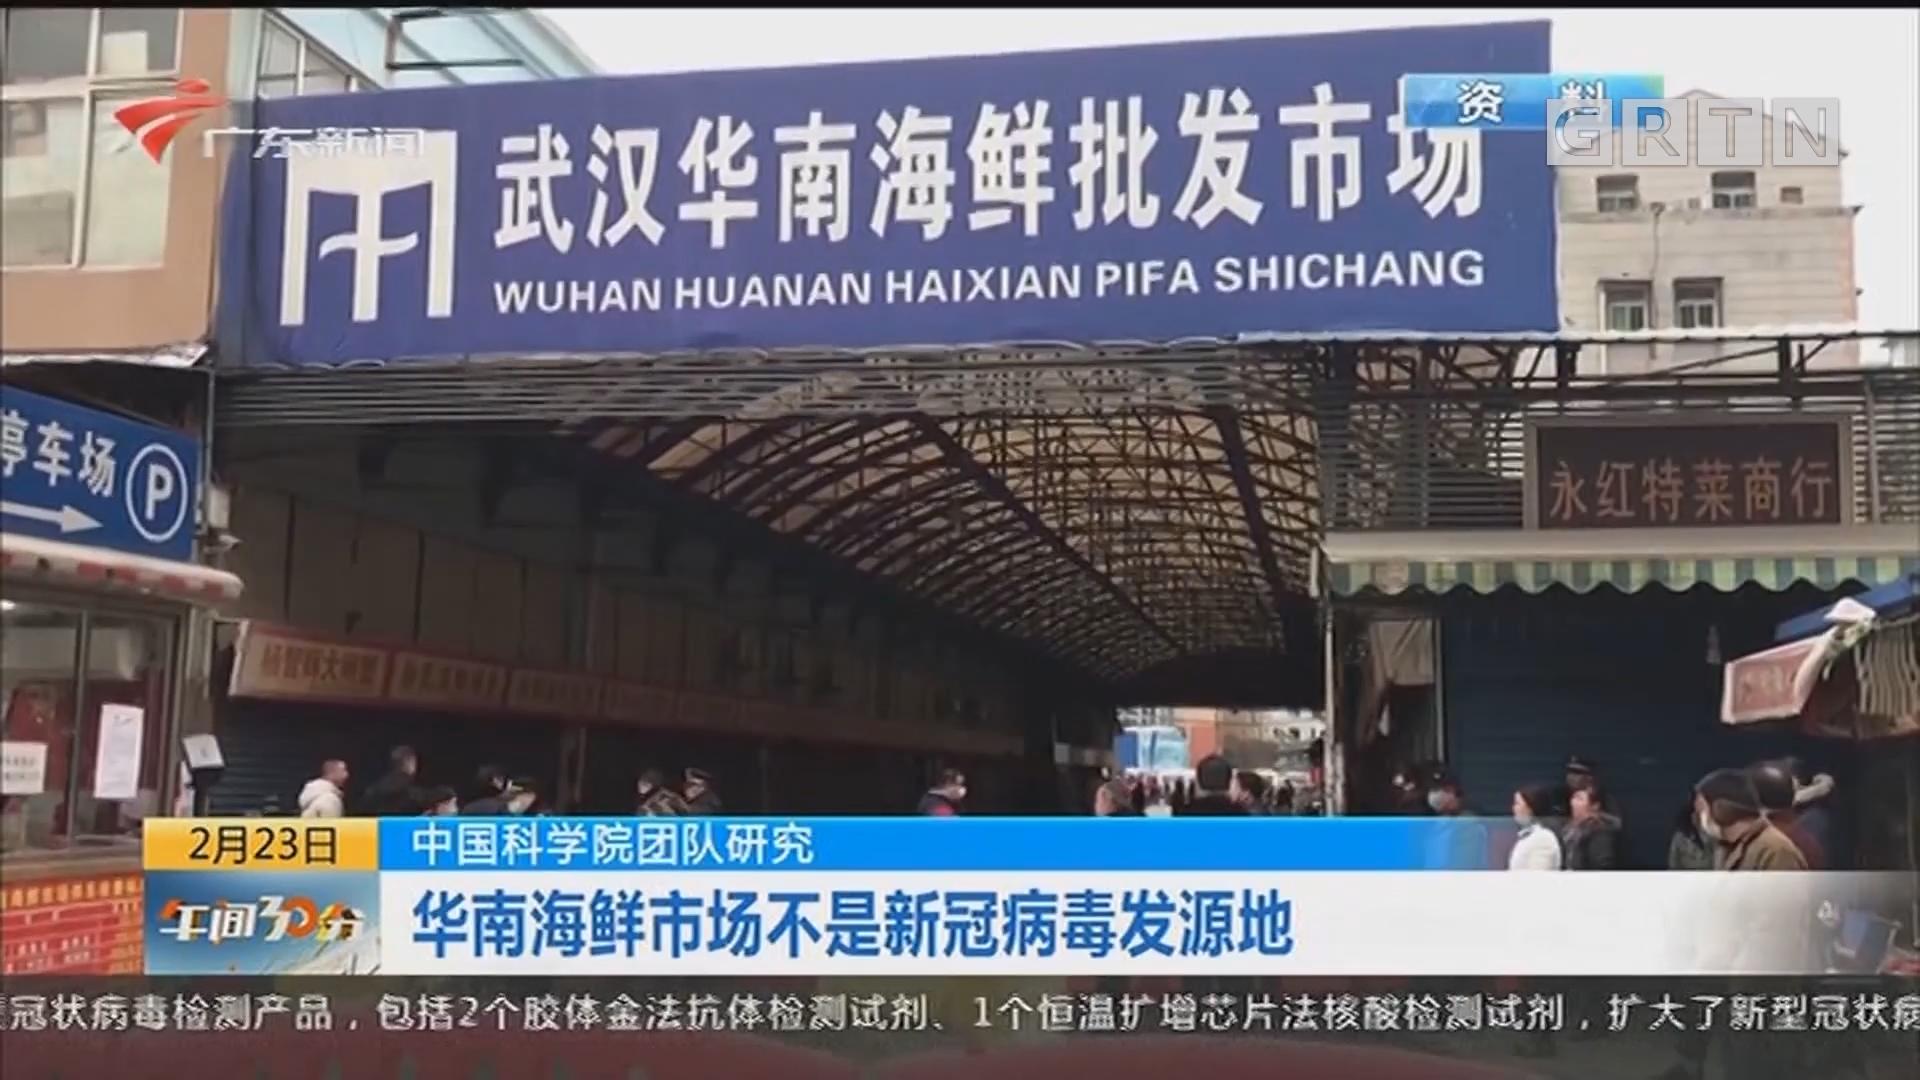 中国科学院团队研究:华南海鲜市场不是新冠病毒发源地